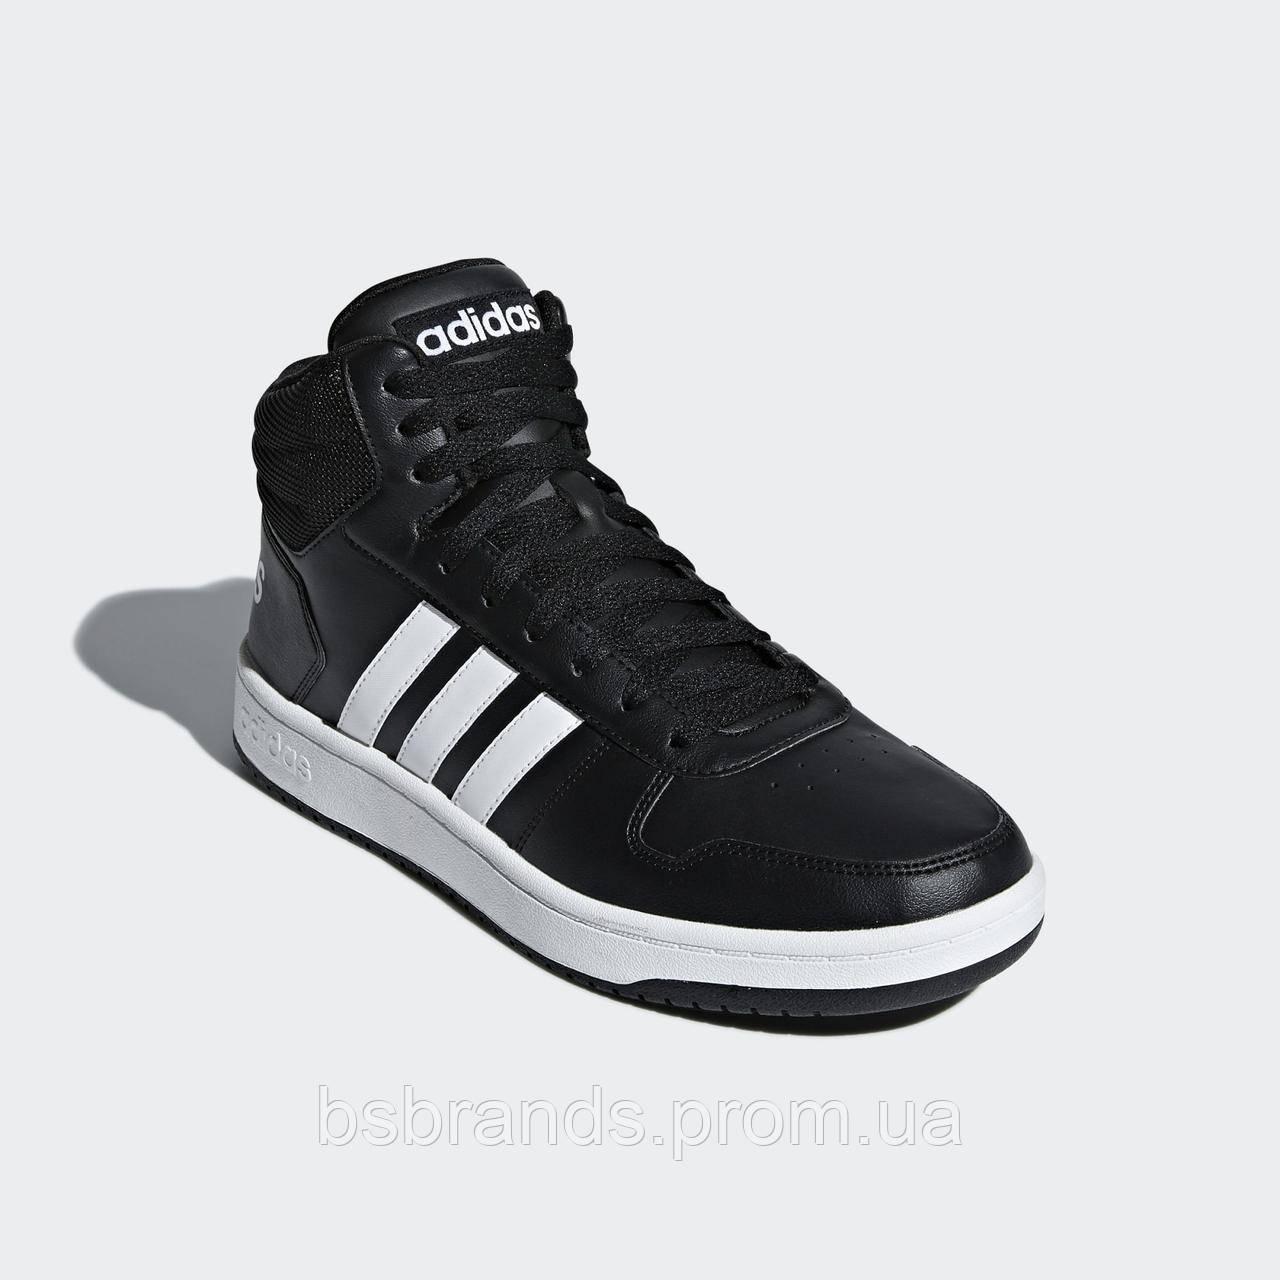 Чоловічі кросівки adidas VS Hoops Mid 2.0 BB7207